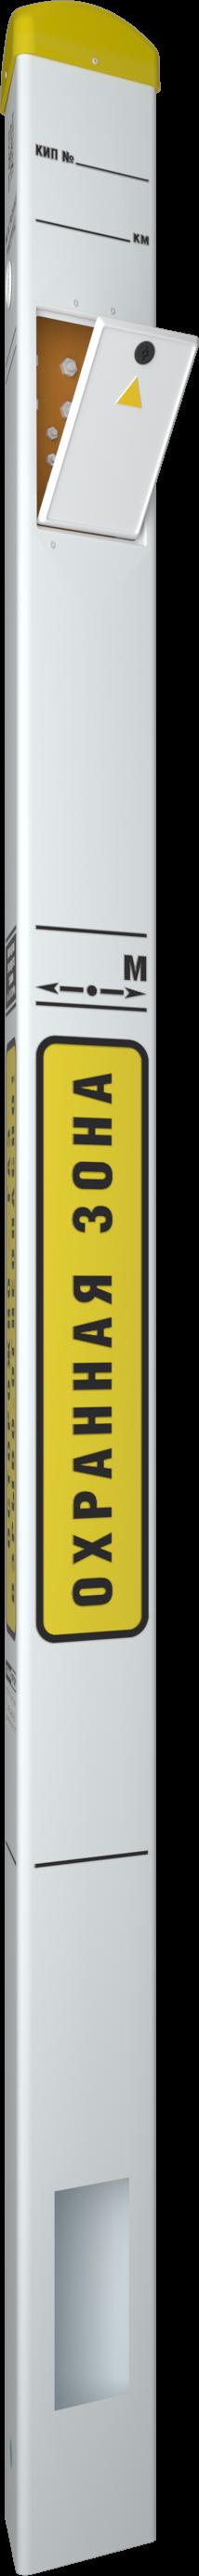 КИП.ПВЕК (сечение треугольник 180 мм)